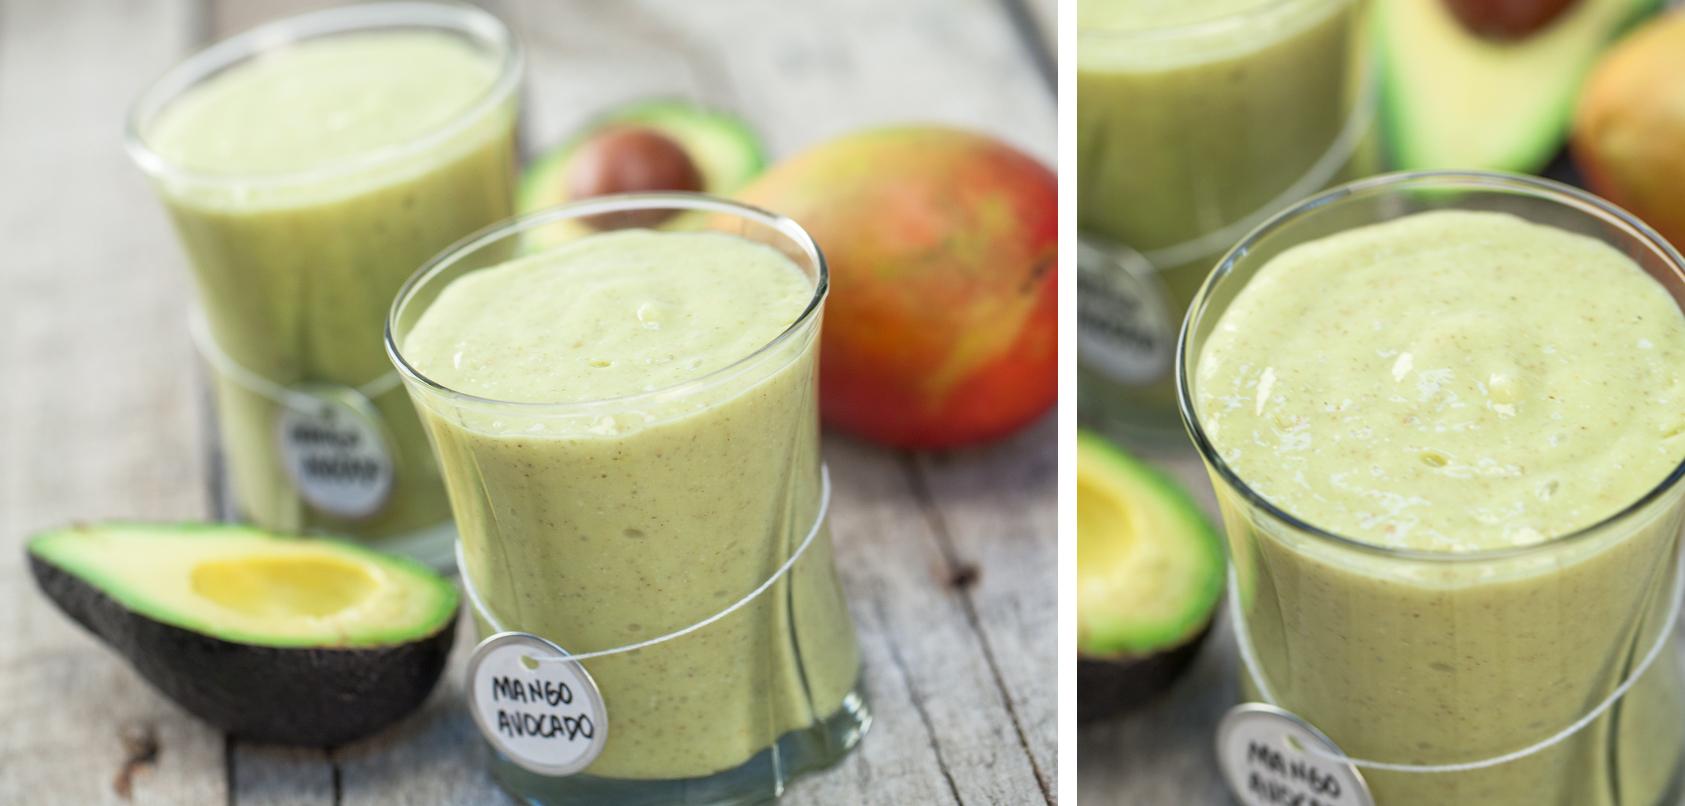 Mango-Avocado Smoothie Blender Recipe